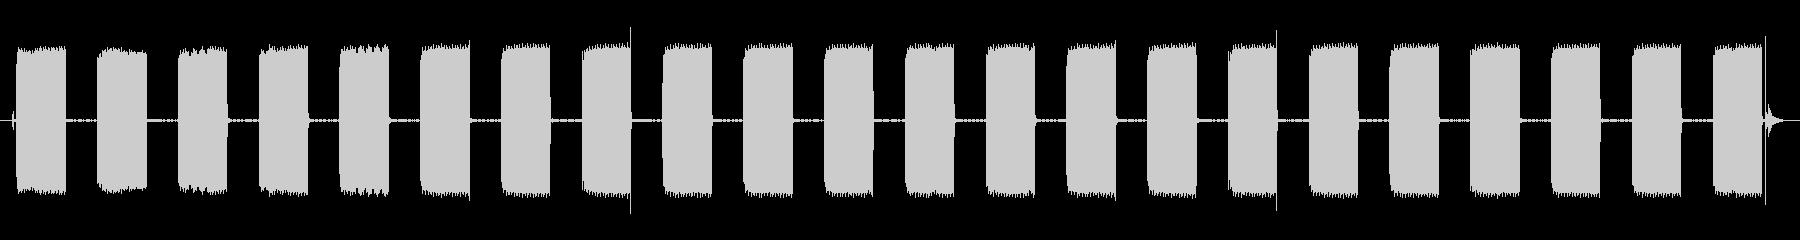 デジタル時計ラジオアラームビープ音...の未再生の波形